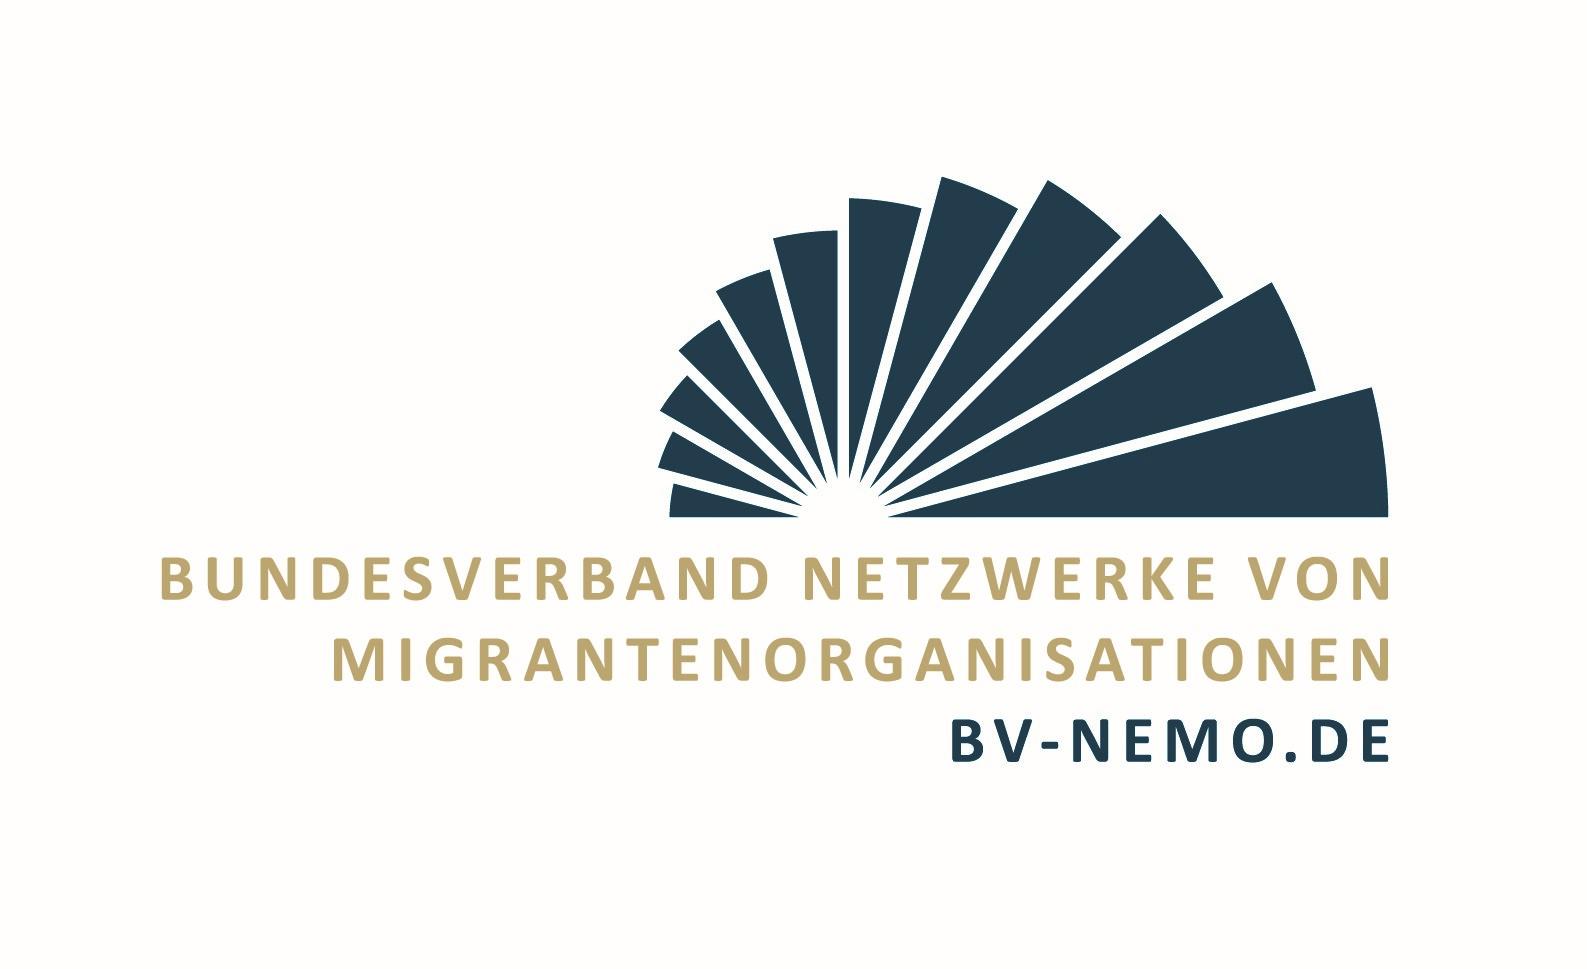 BV-Nemo